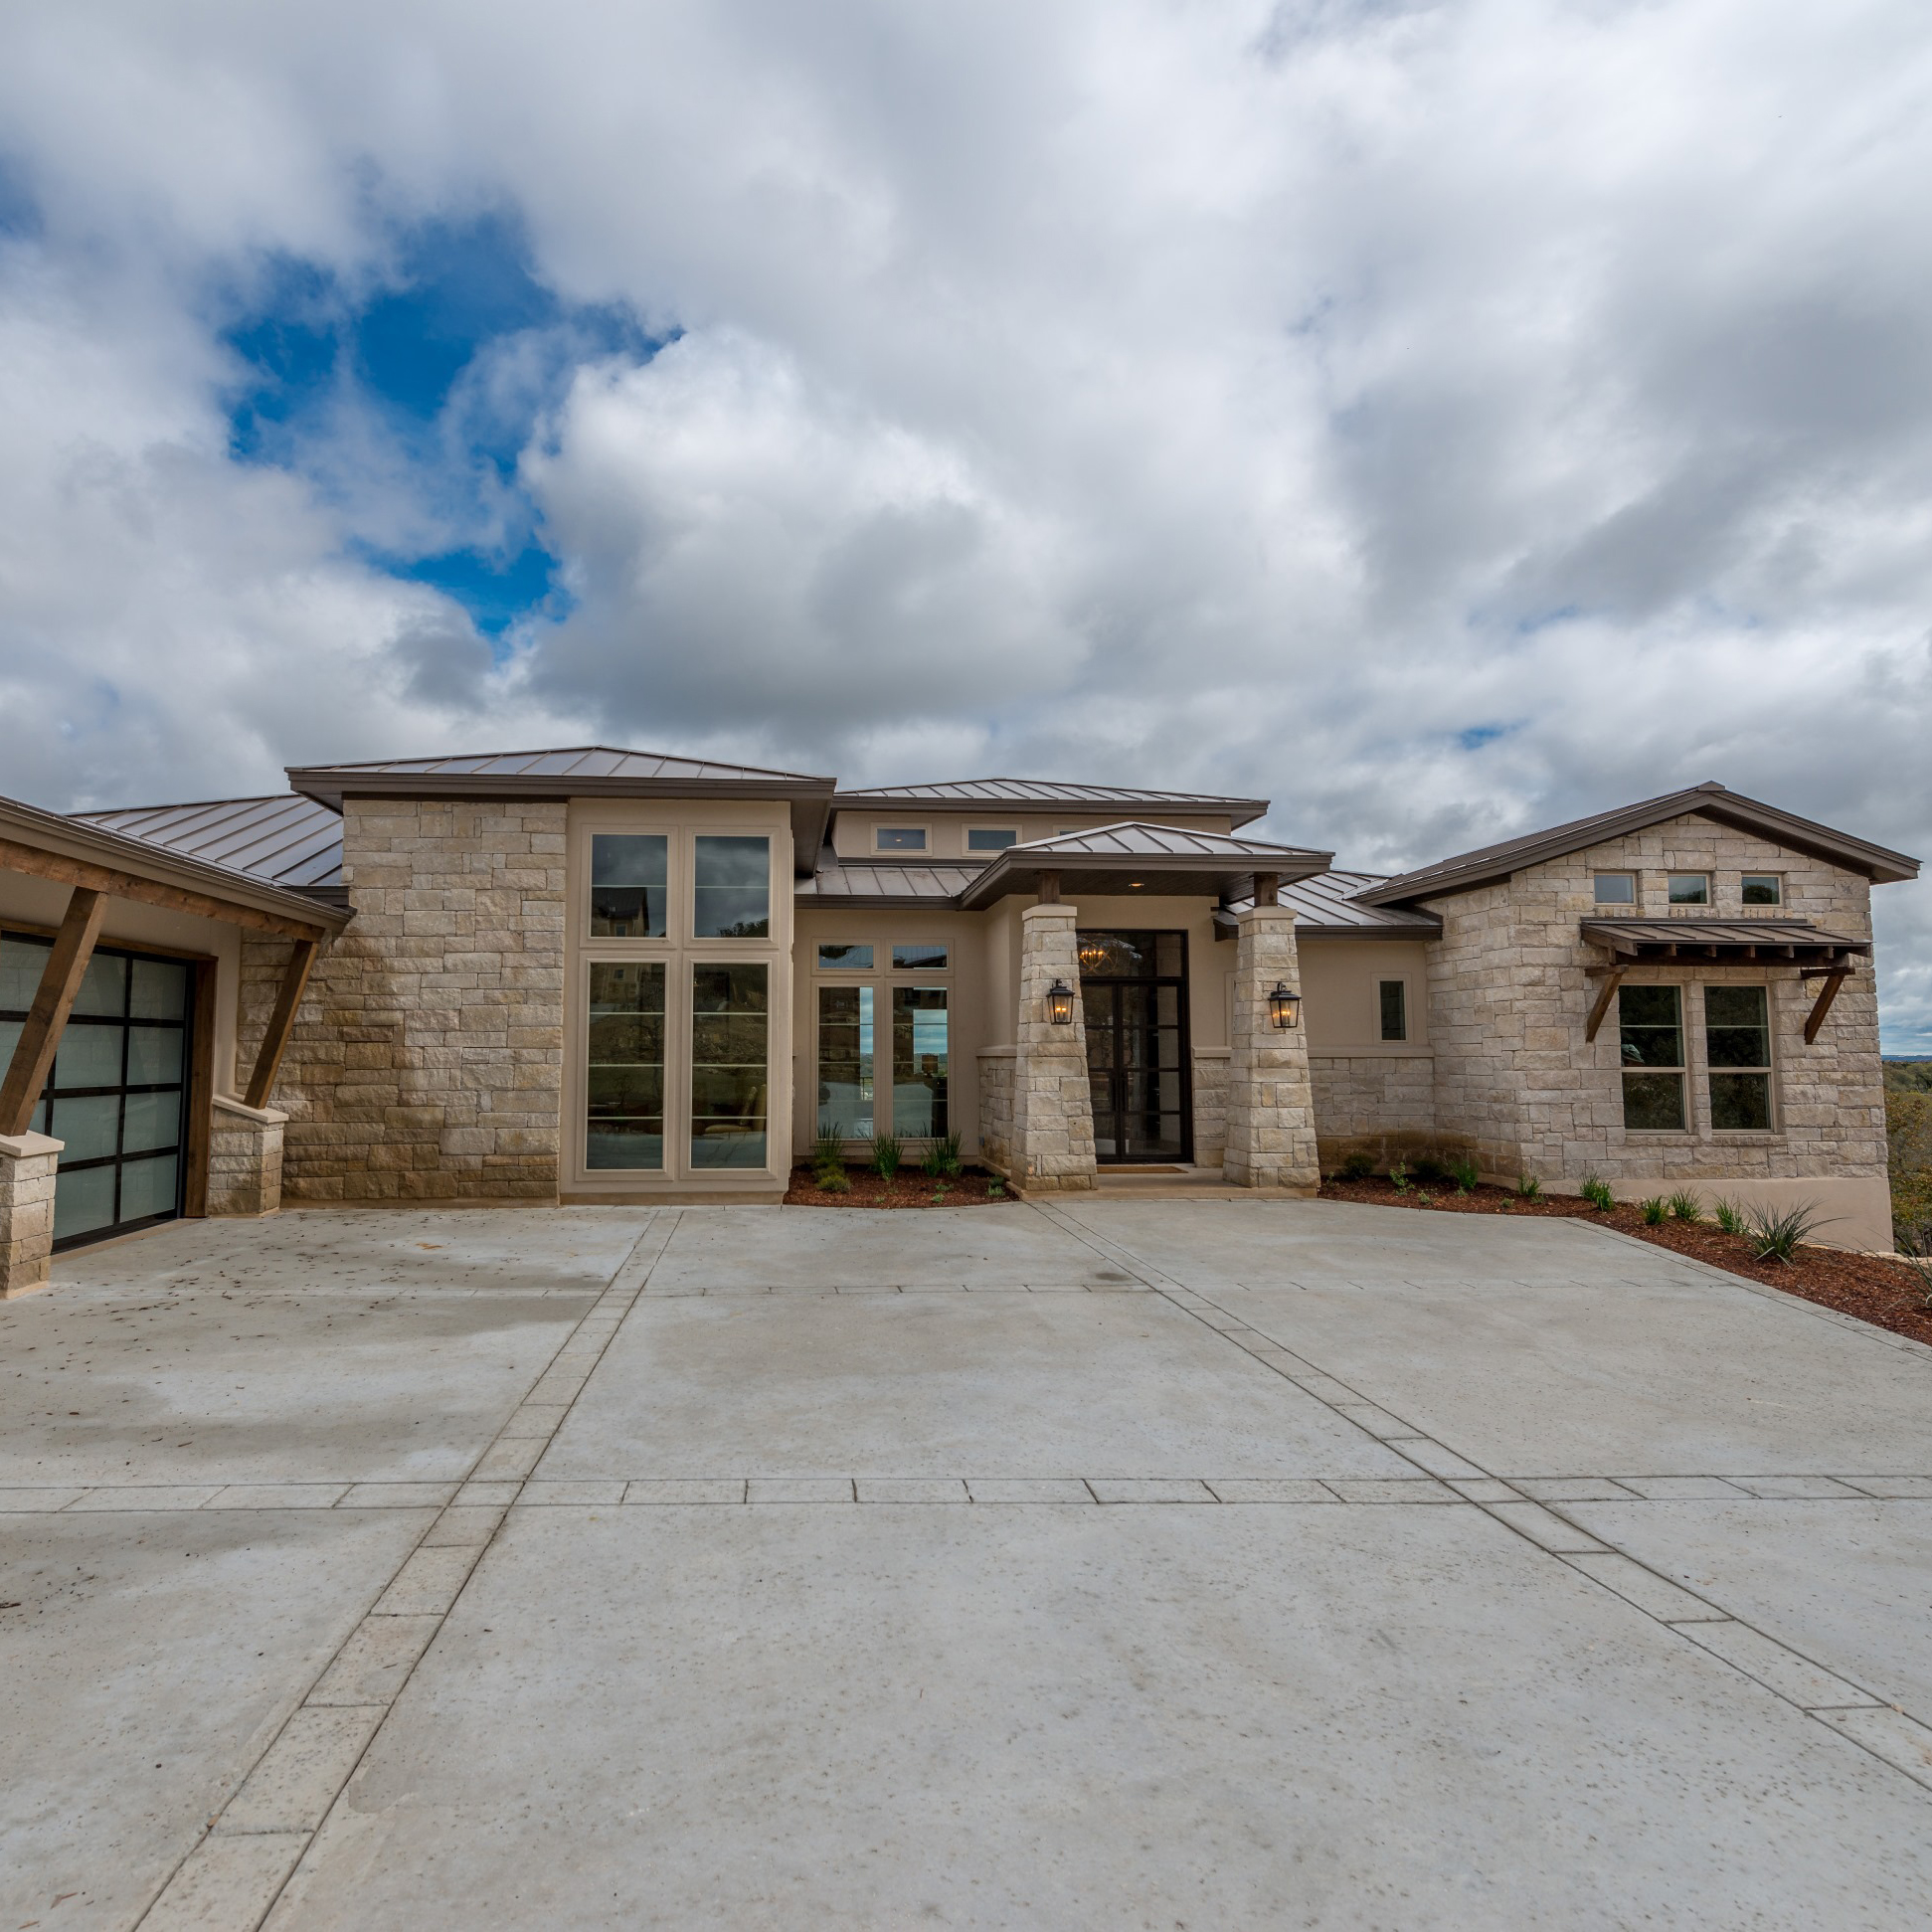 Model Home In San Antonio Texas Coronado Community: San Antonio Architect